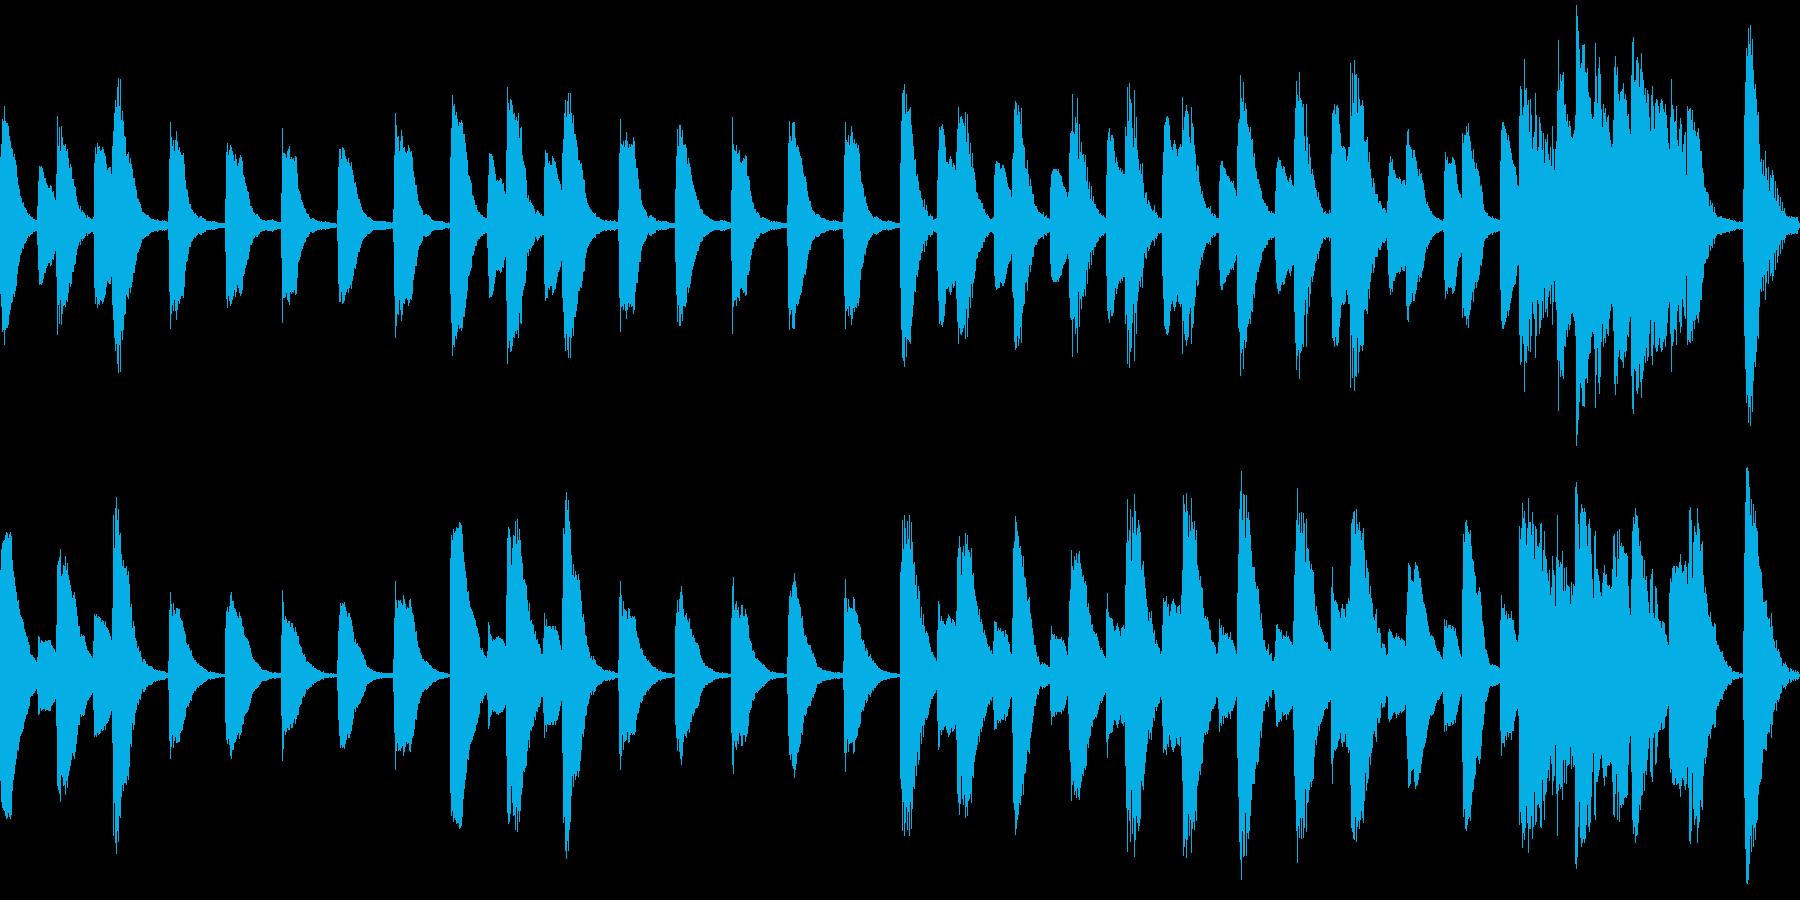 行進しているようなピアノ曲。15秒の再生済みの波形